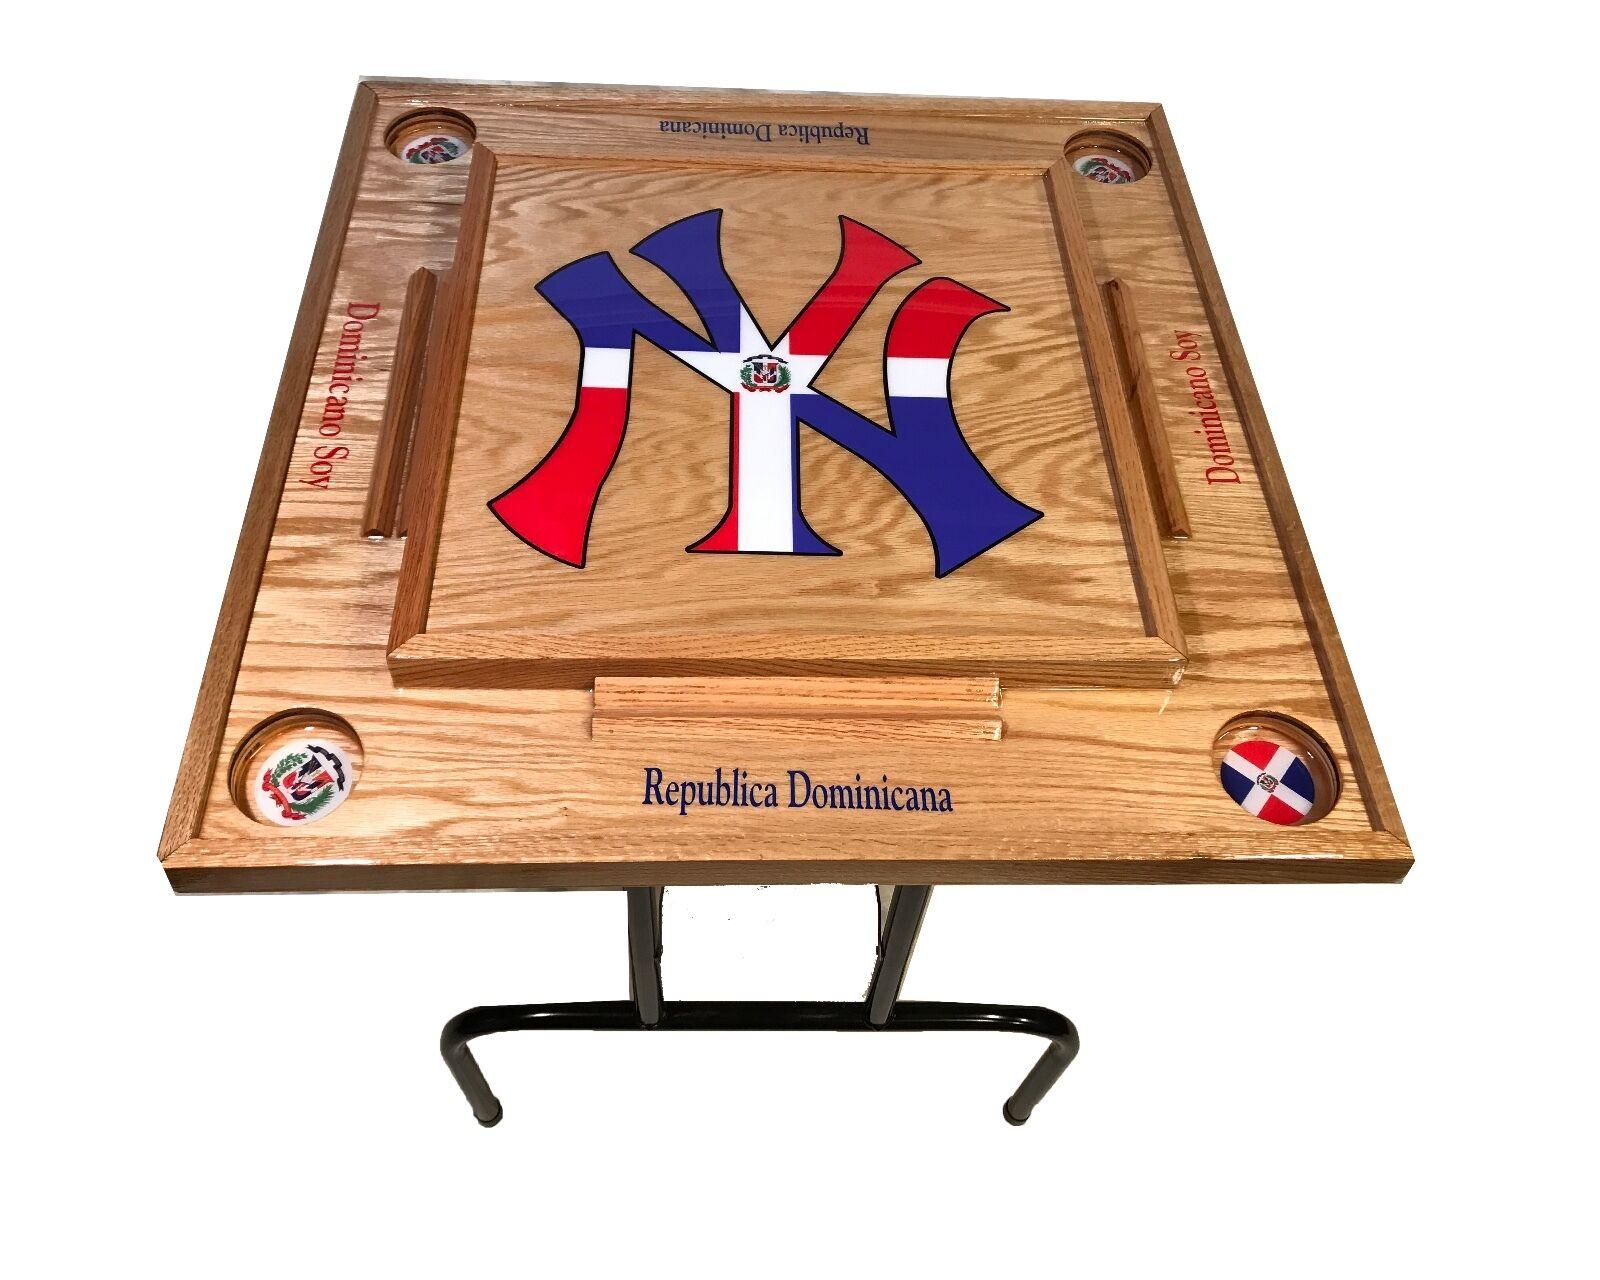 Mesa De Domino de República Dominicana con el logotipo de NY